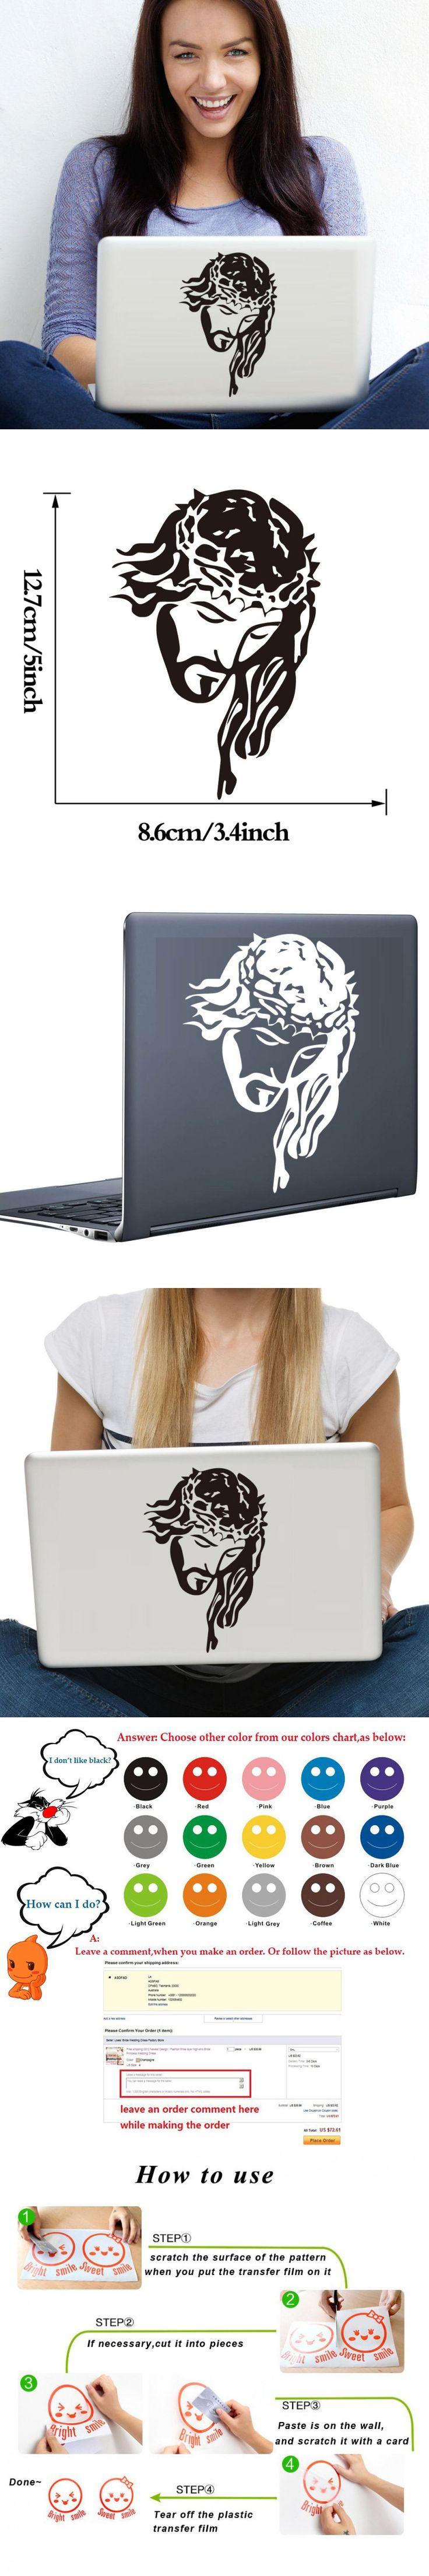 Besten Religion Wall Decals Bilder Auf Pinterest Ganesh - How to make laptop decals at home